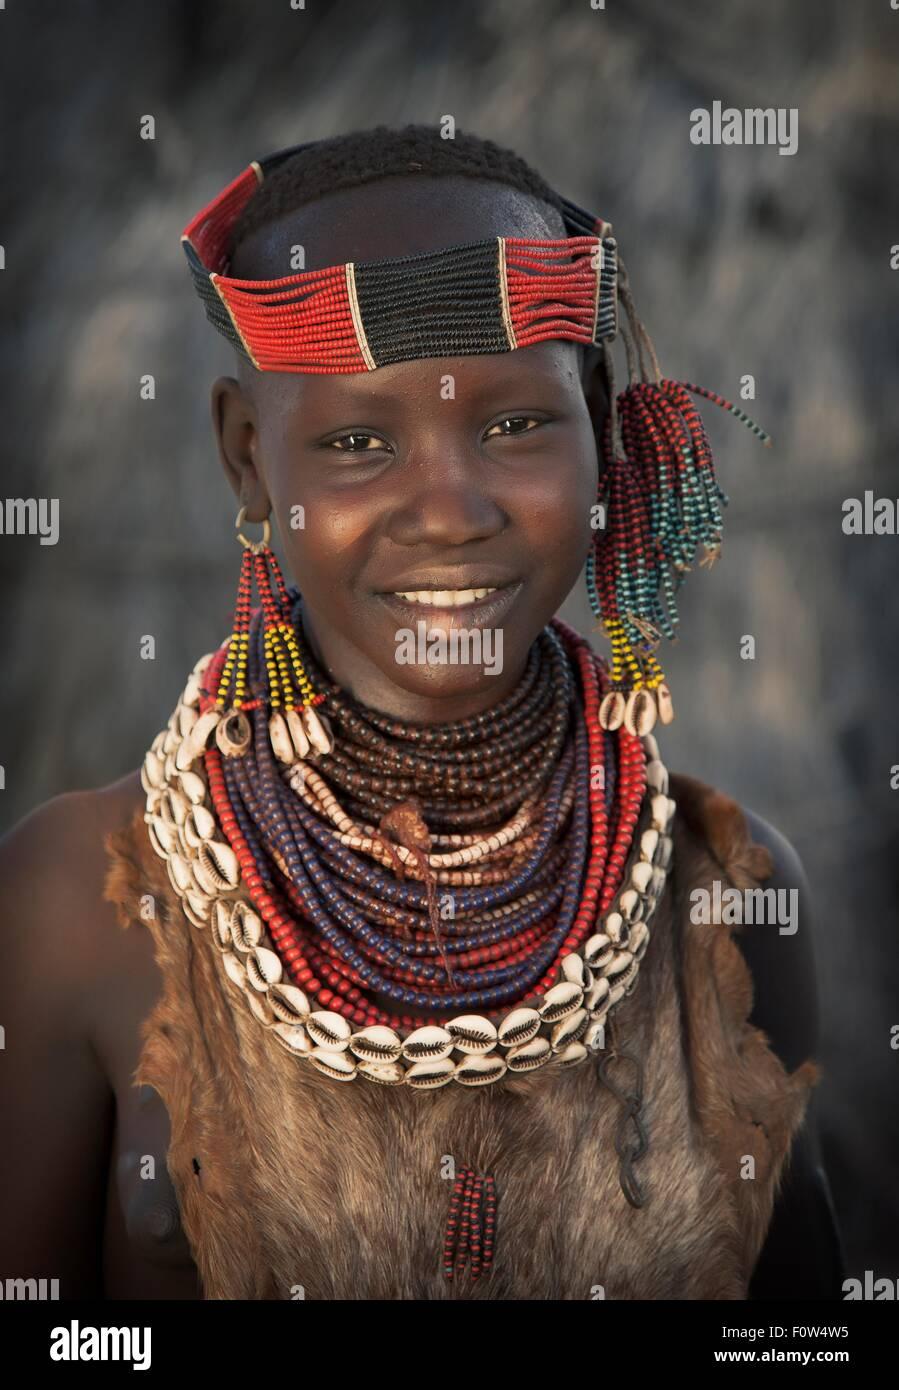 Ritratto di ragazza da Karo tribù indossando il costume tradizionale, Etiopia, Africa Immagini Stock